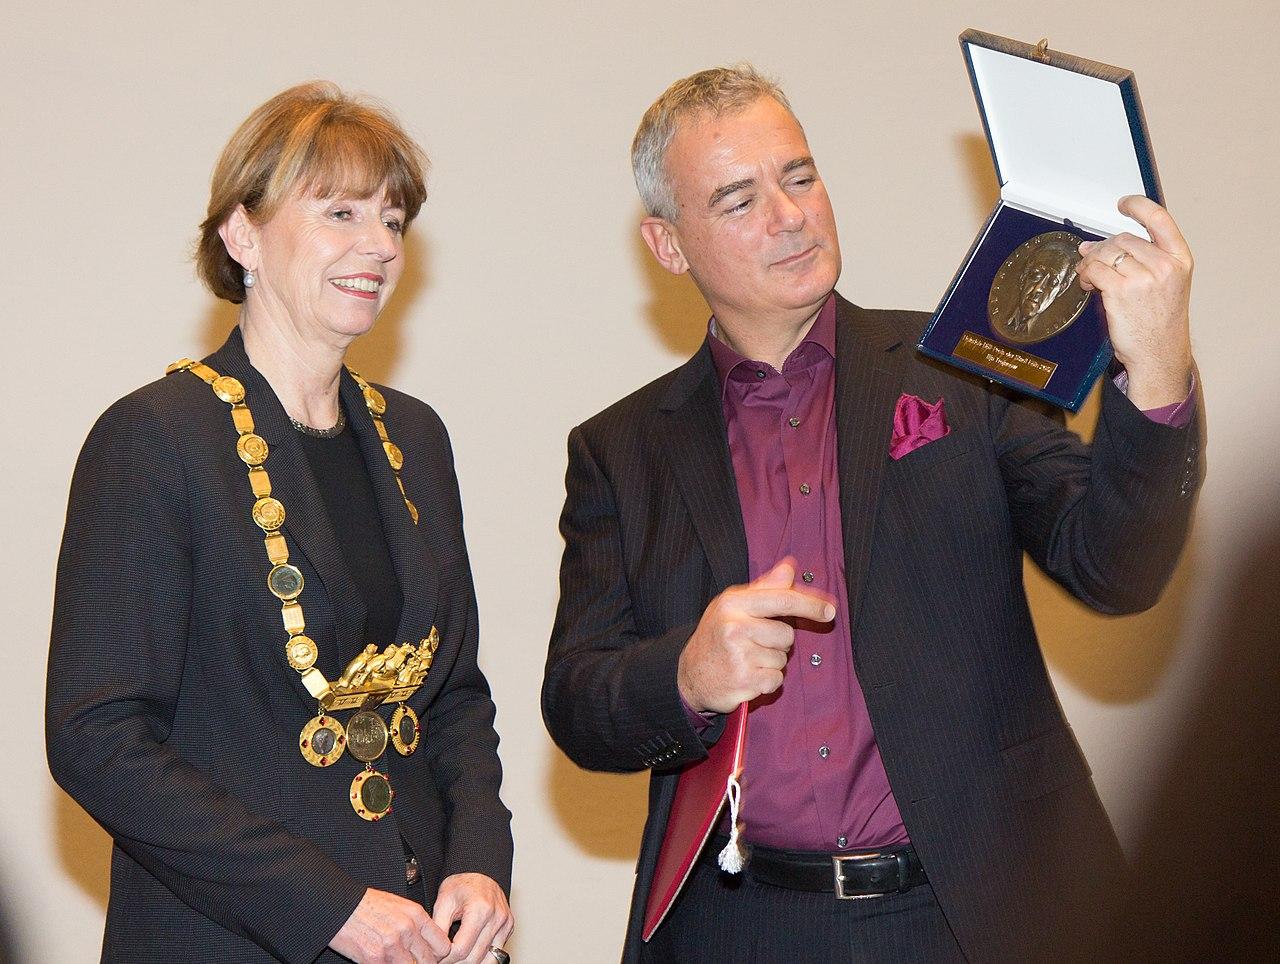 Ilija Trojanow, Verleihung des Heinrich-Böll-Preis der Stadt Köln 2017 -7012.jpg